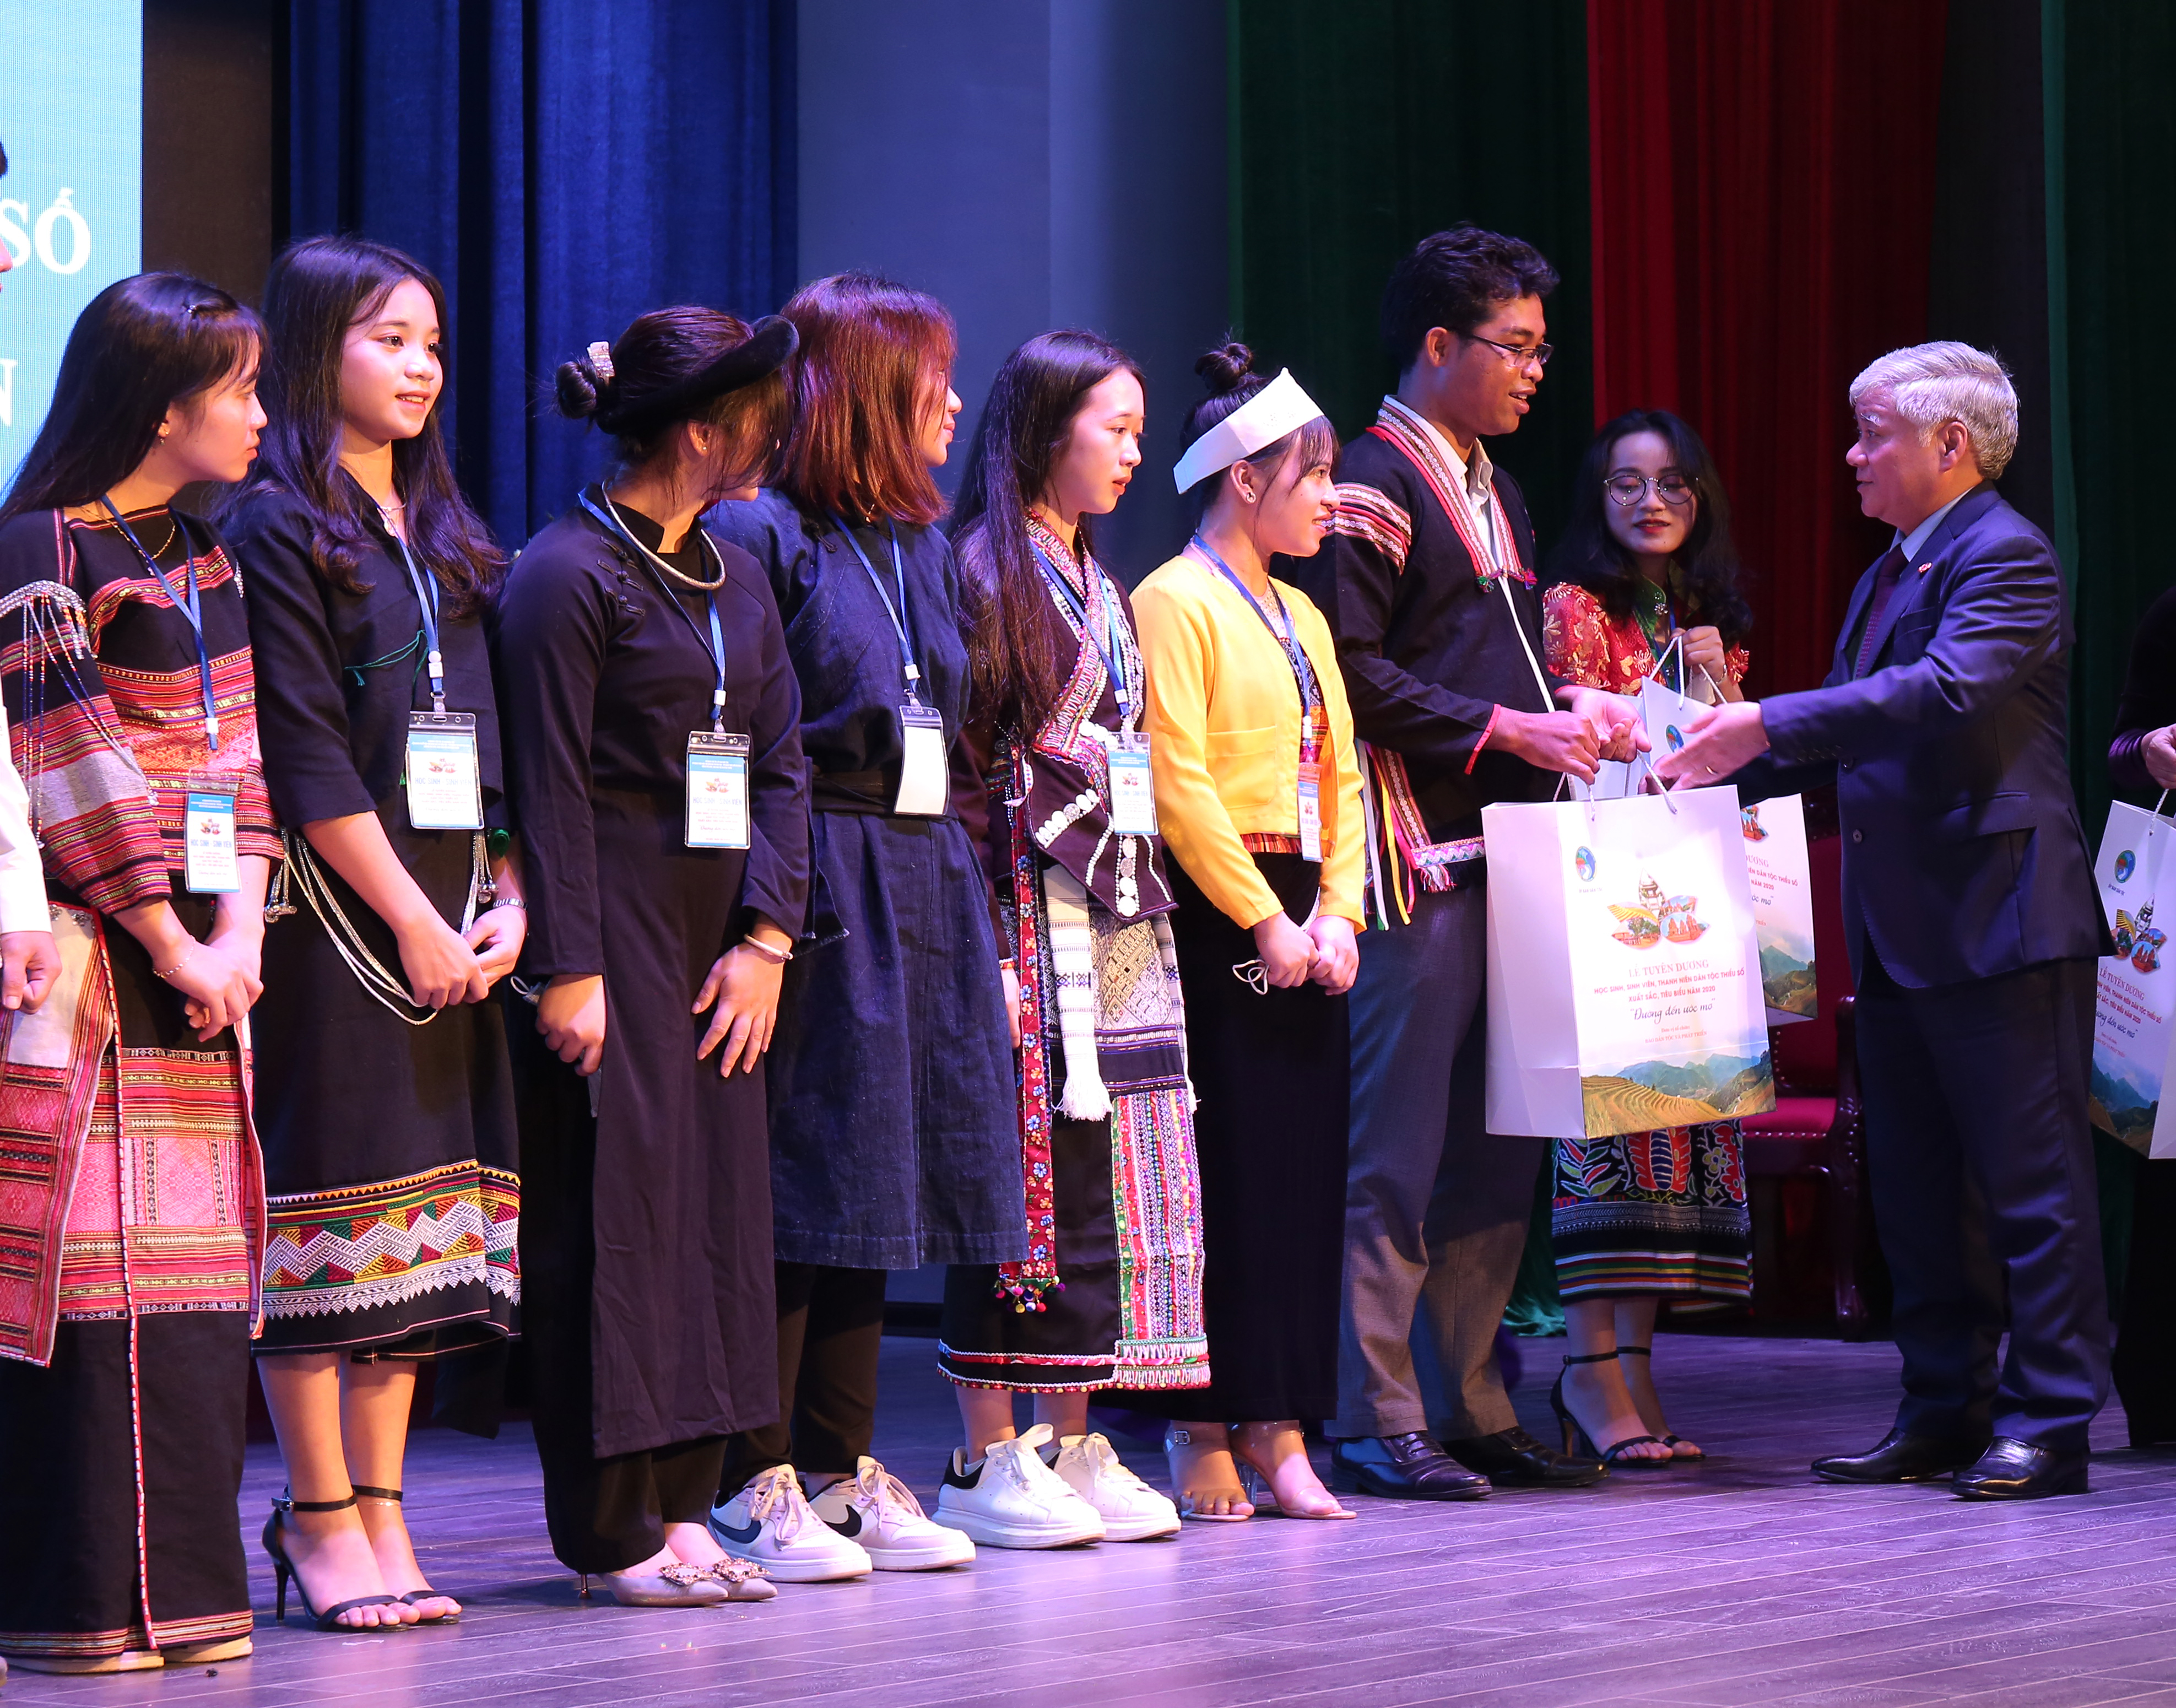 Bộ trưởng, Chủ nhiệm Đỗ Văn Chiến tặng quà cho đại diện các em HS, SV, TN DTTS tại buổi gặp mặt.